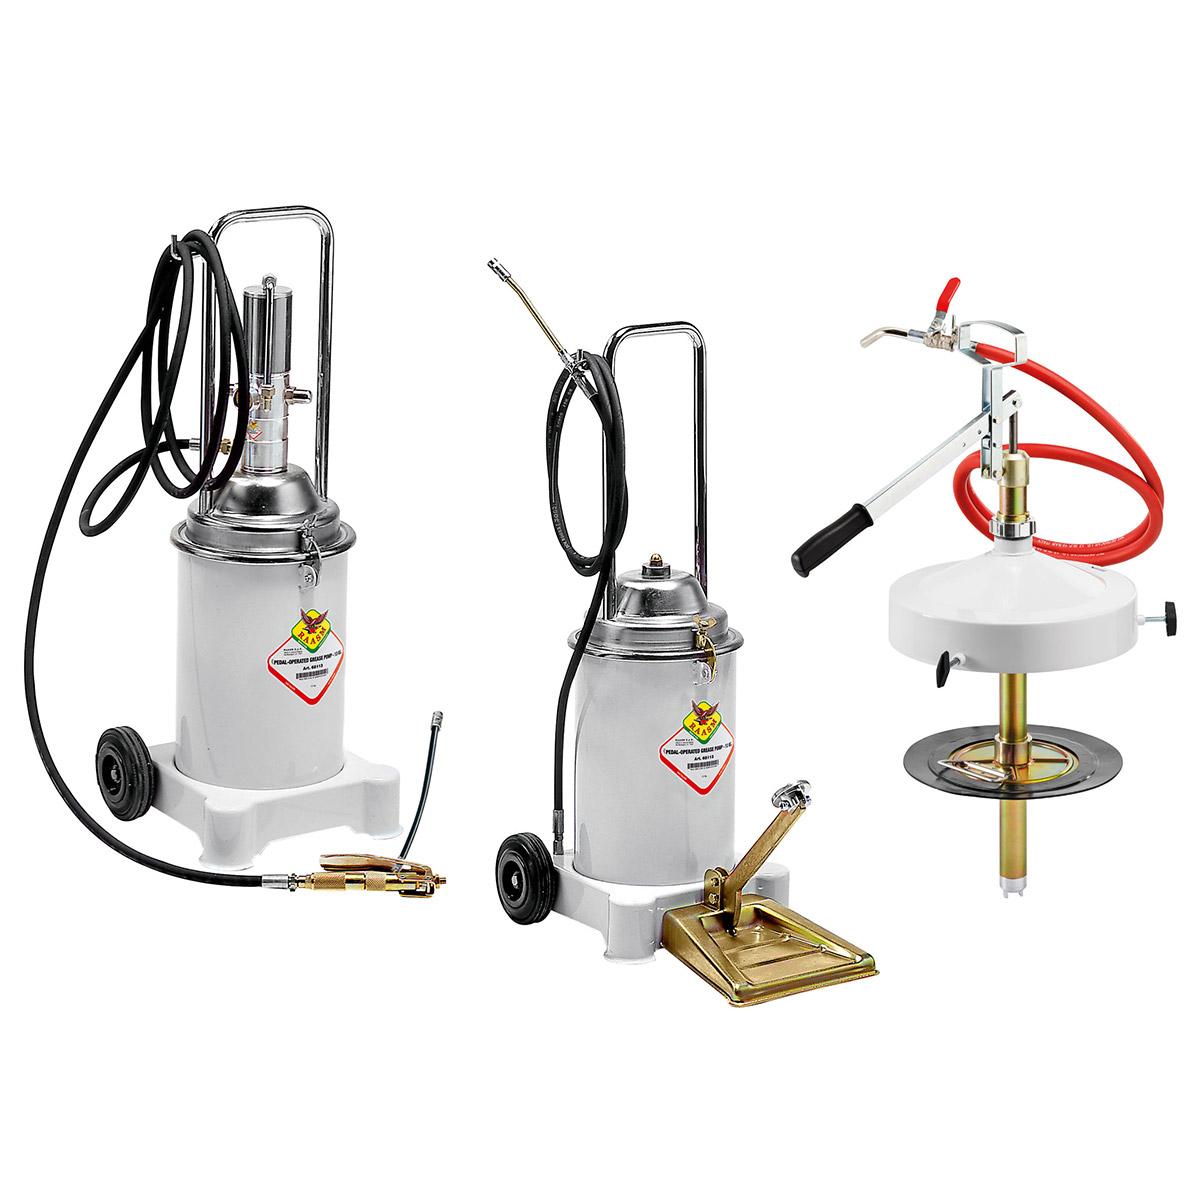 Mobilni rezervoari za mast 13 kg sa pumpom